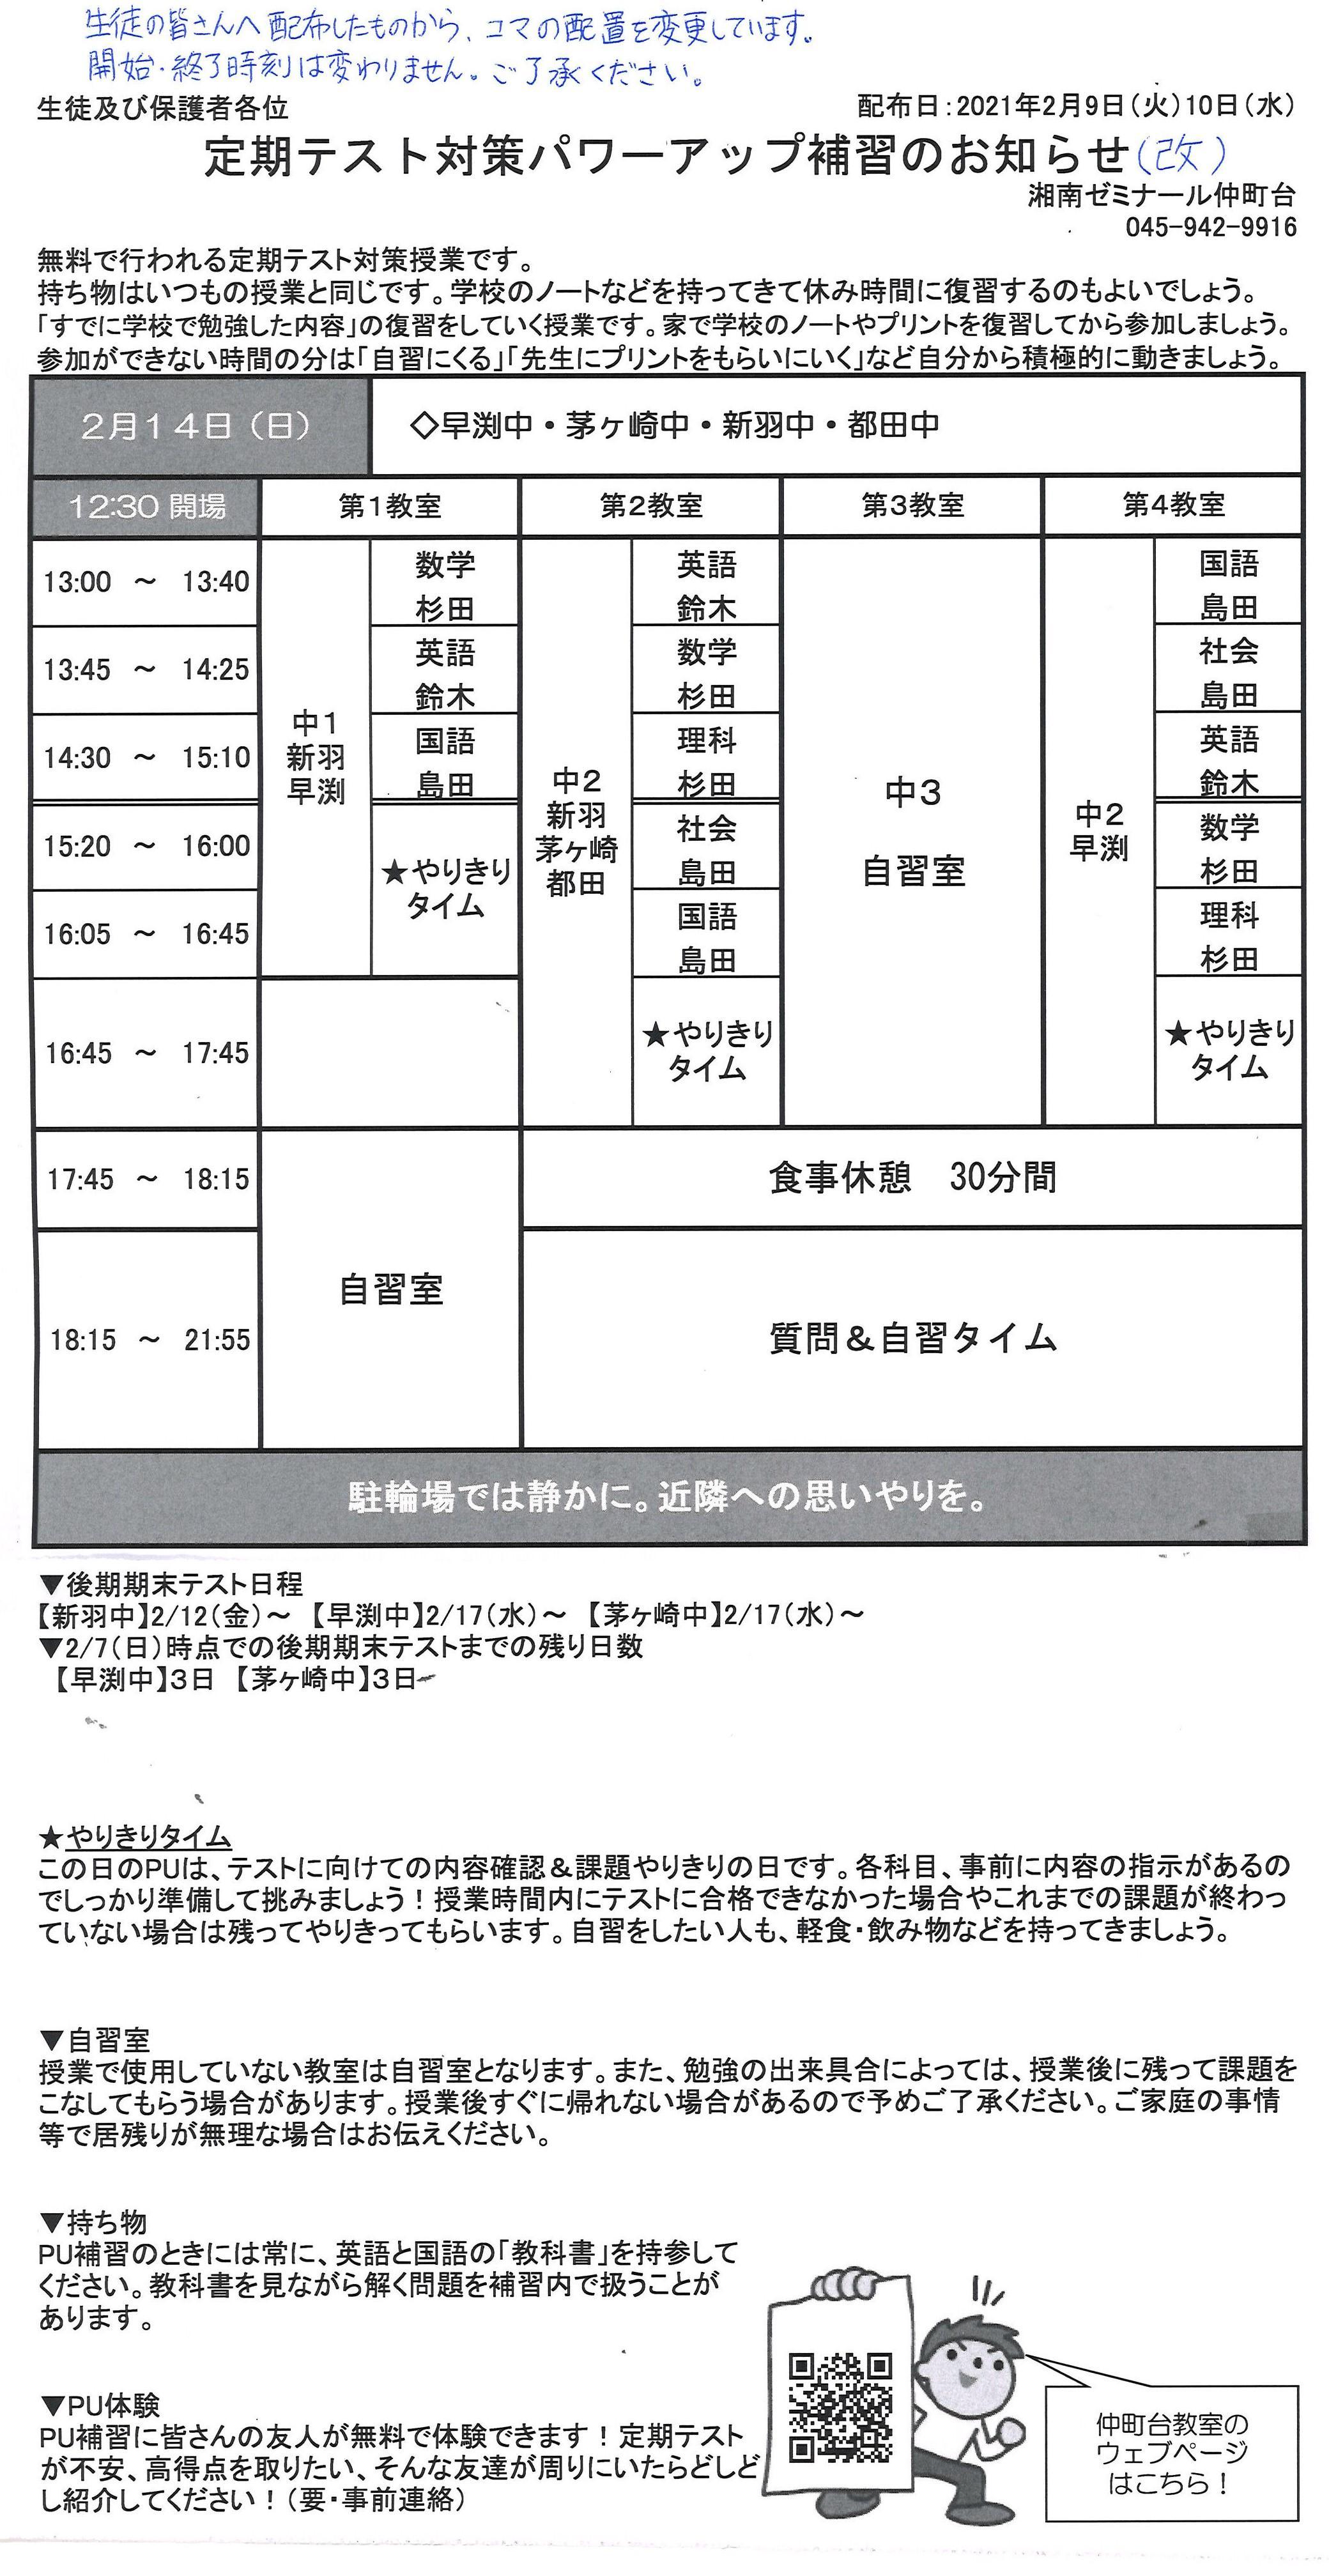 PUtimetable20210214_Nakamachidai.jpg